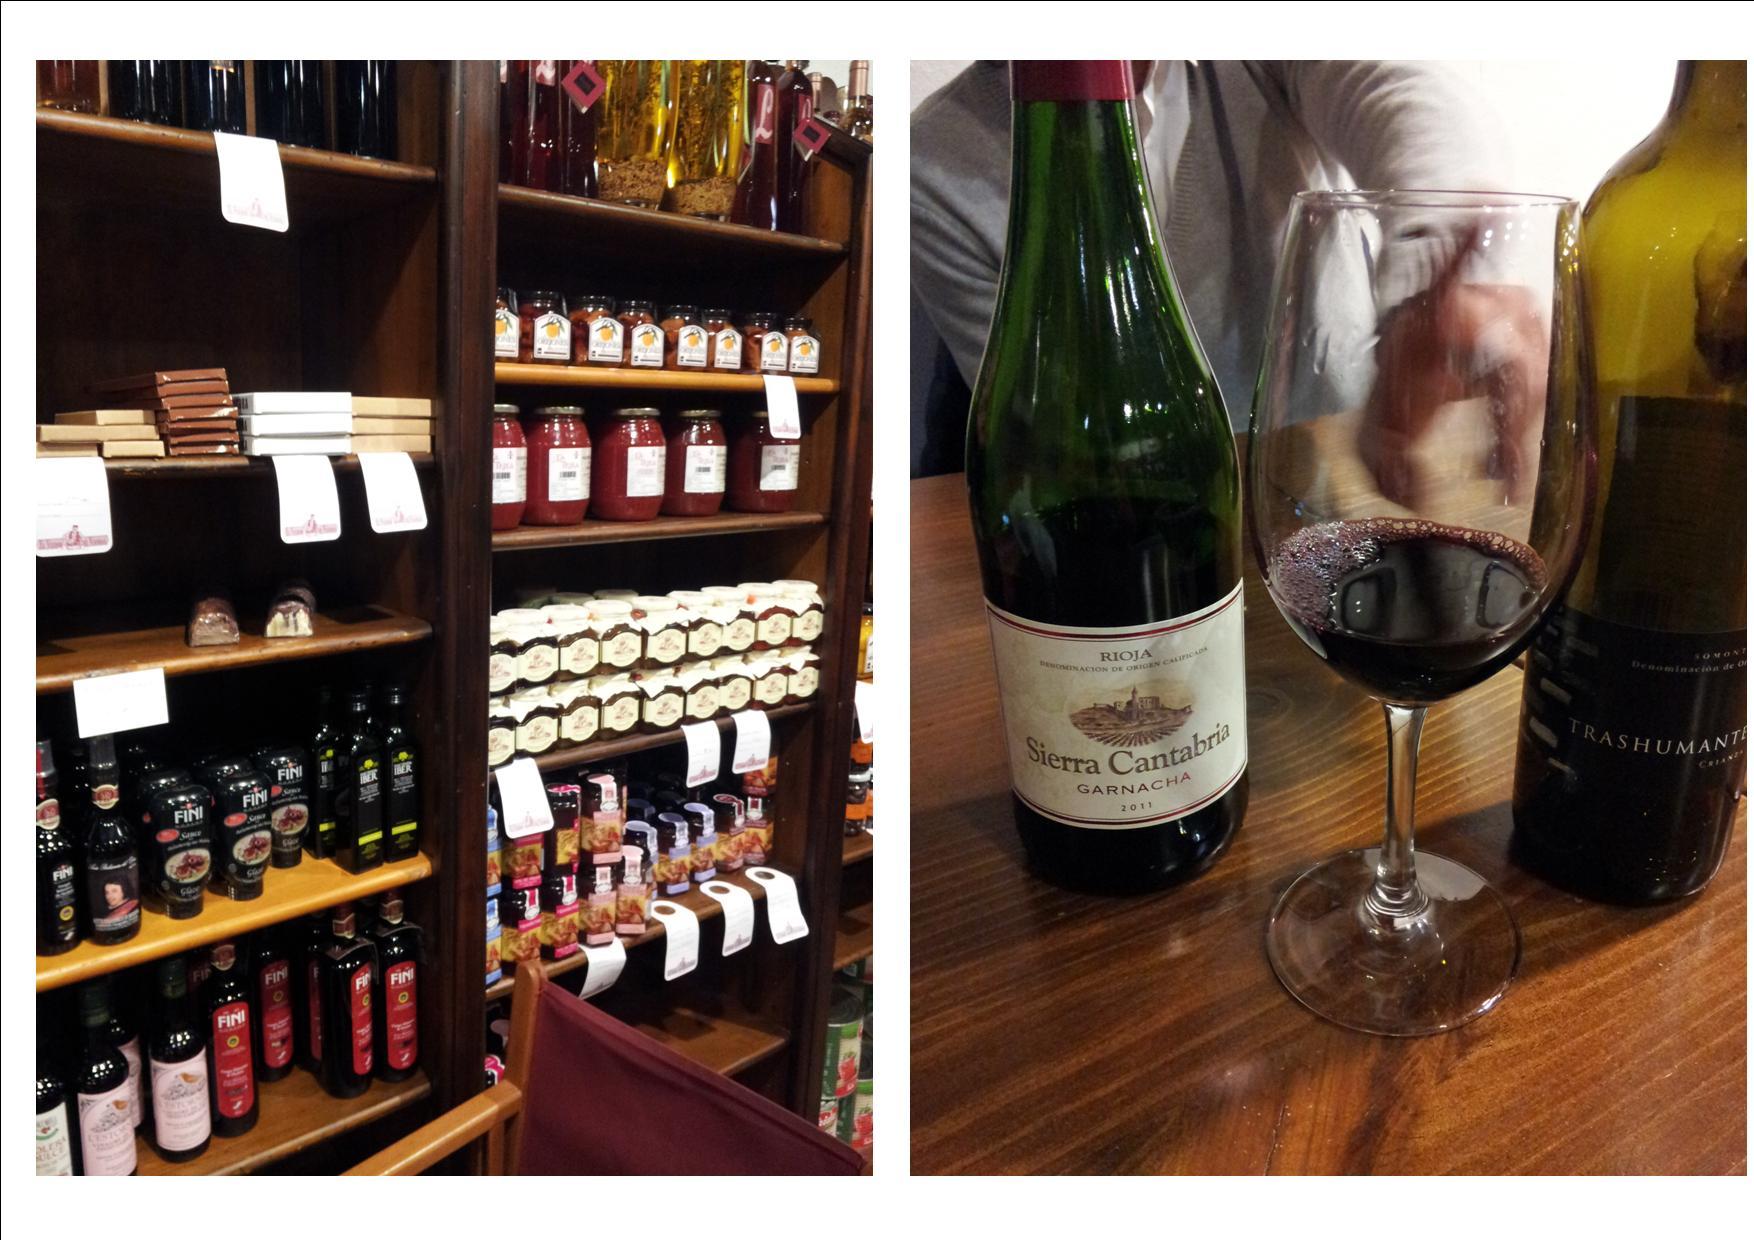 Restaurante El Veedor de Viandas Vista de la tienda y vinos